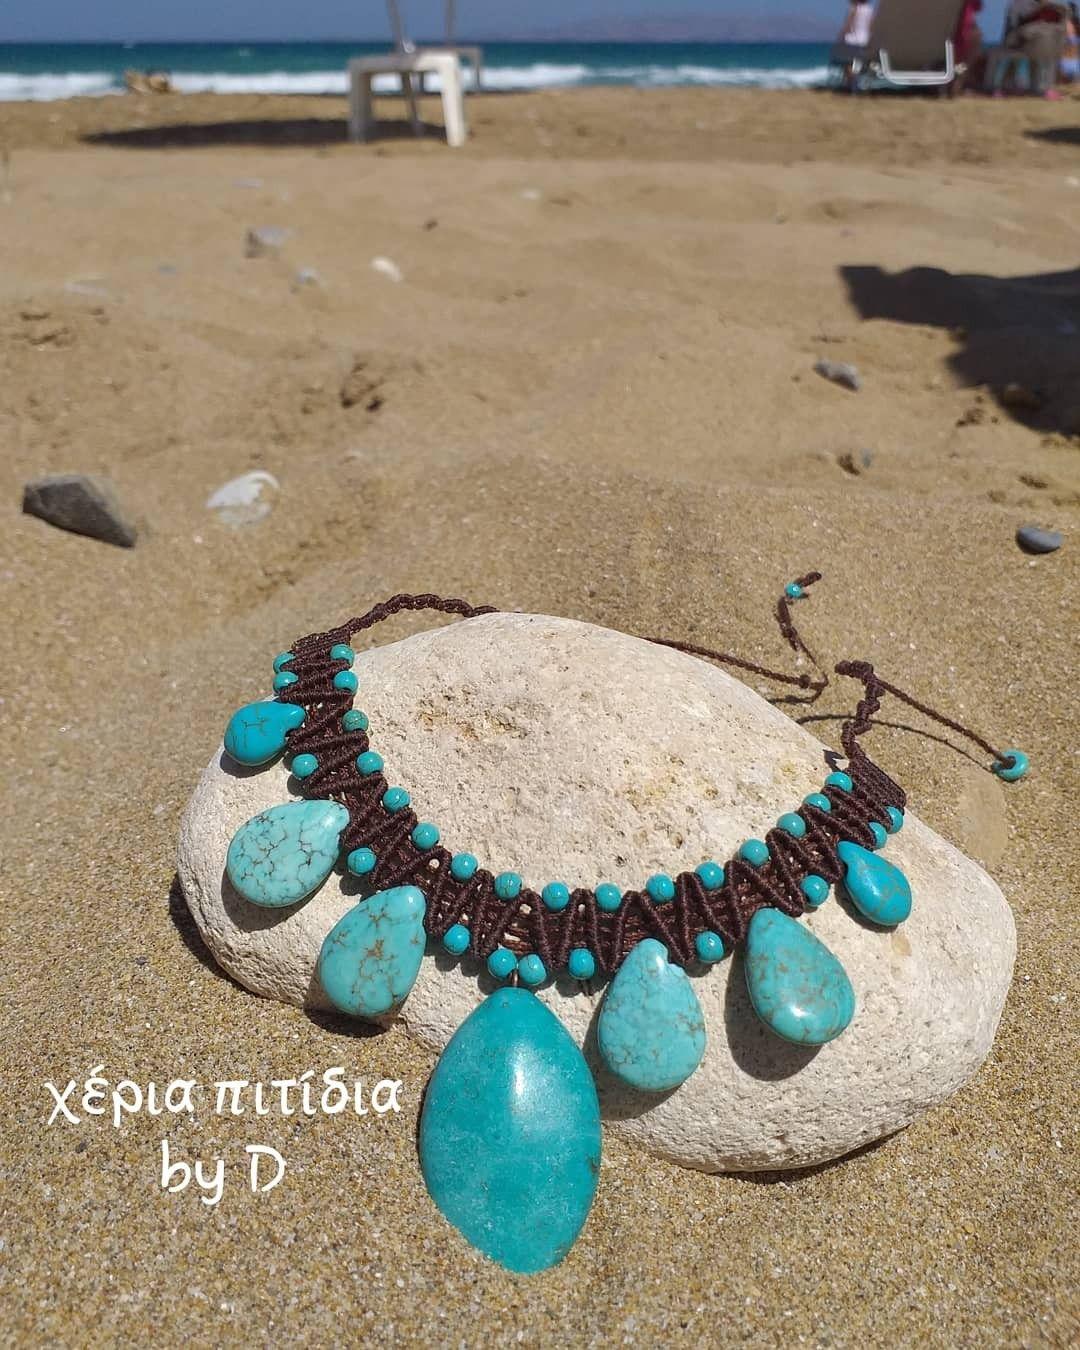 Κλασικά κολιέ για το καλοκαίρι.  Macrame necklaces.  #χέριαπιτίδια  #heriapitidia #macrame #μακραμέ #macramenecklace #μακραμεκολιε #necklaces #κολιέ #giftideas #χειροποίηταδώρα #handmadegifts #gift #ιδέεςδώρων #δώρα #crete #greece #tyrquoise #τυρκουάζ #마크라메 #마크라메팔찌목걸이 #목걸이 #καλοκαίρι #summer #summerjewelery #καλοκαιρινακοσμηματα #classicsummerjewelry #여름